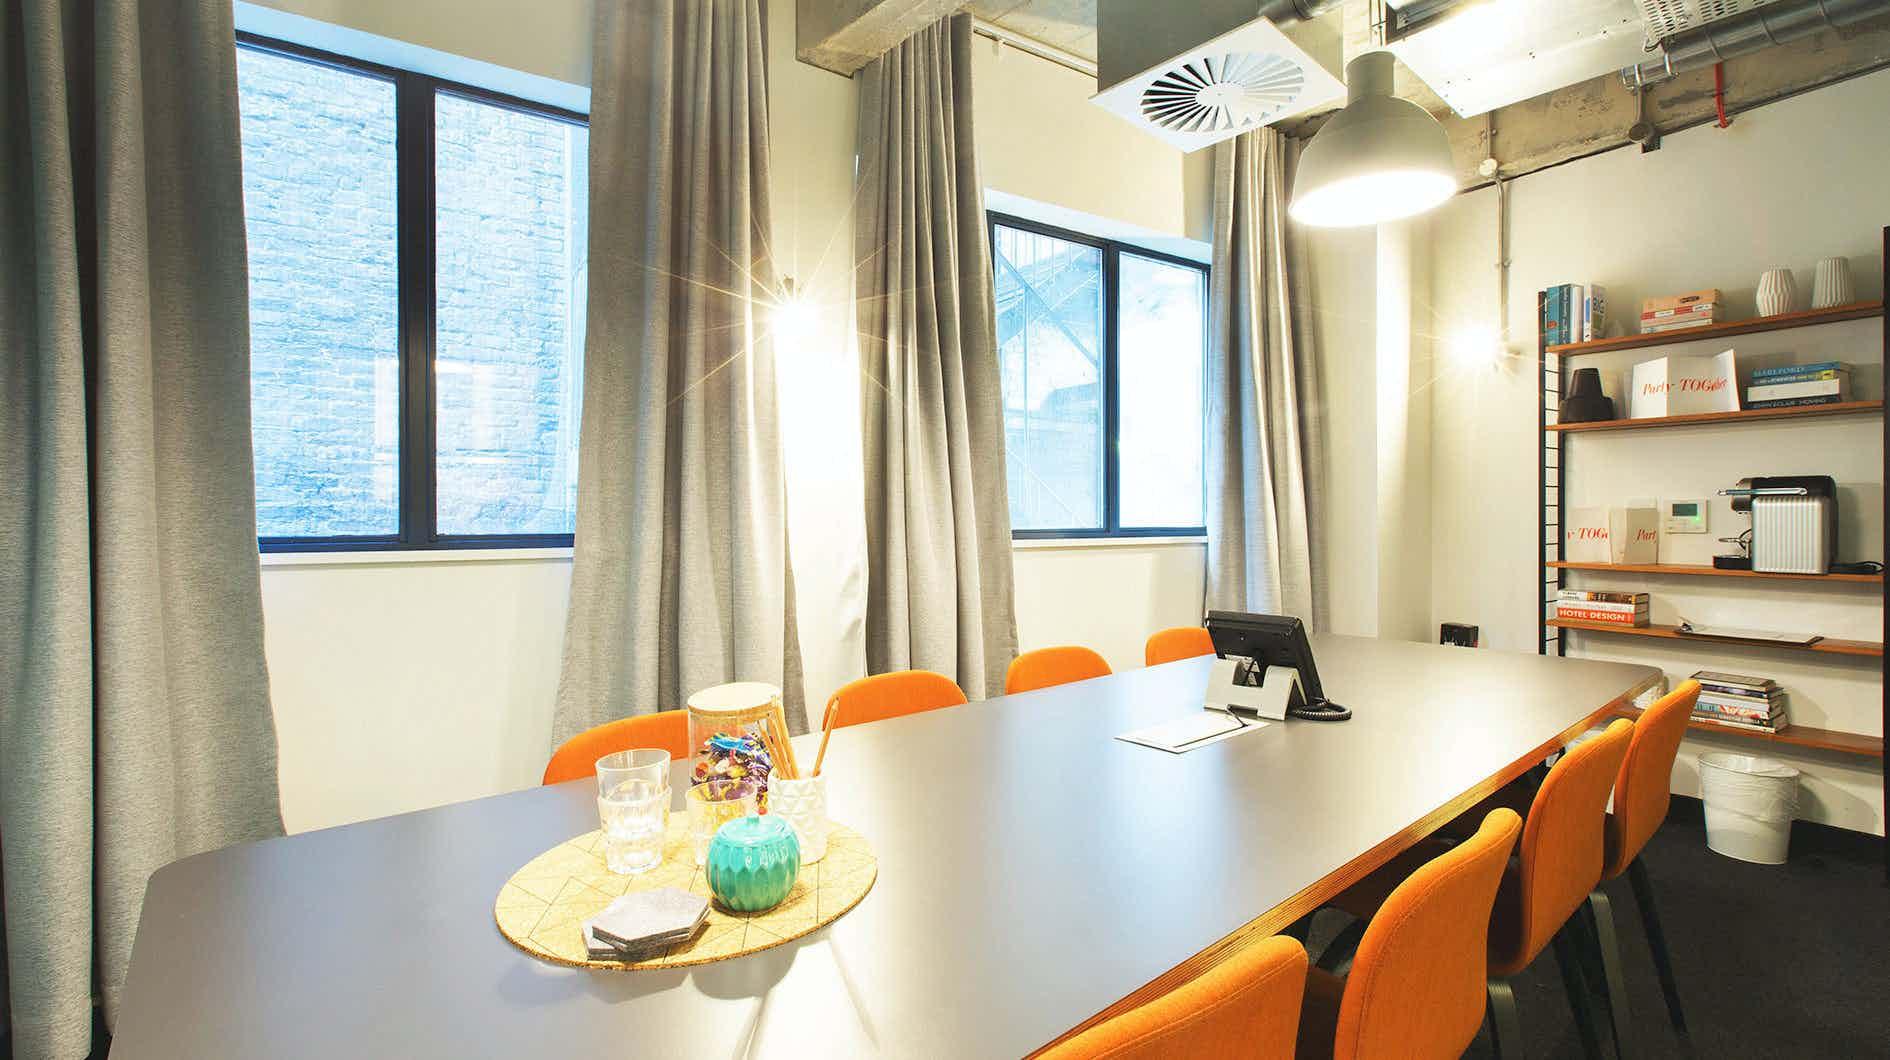 Meeting Room 5, TOG, 256-260 Old Street